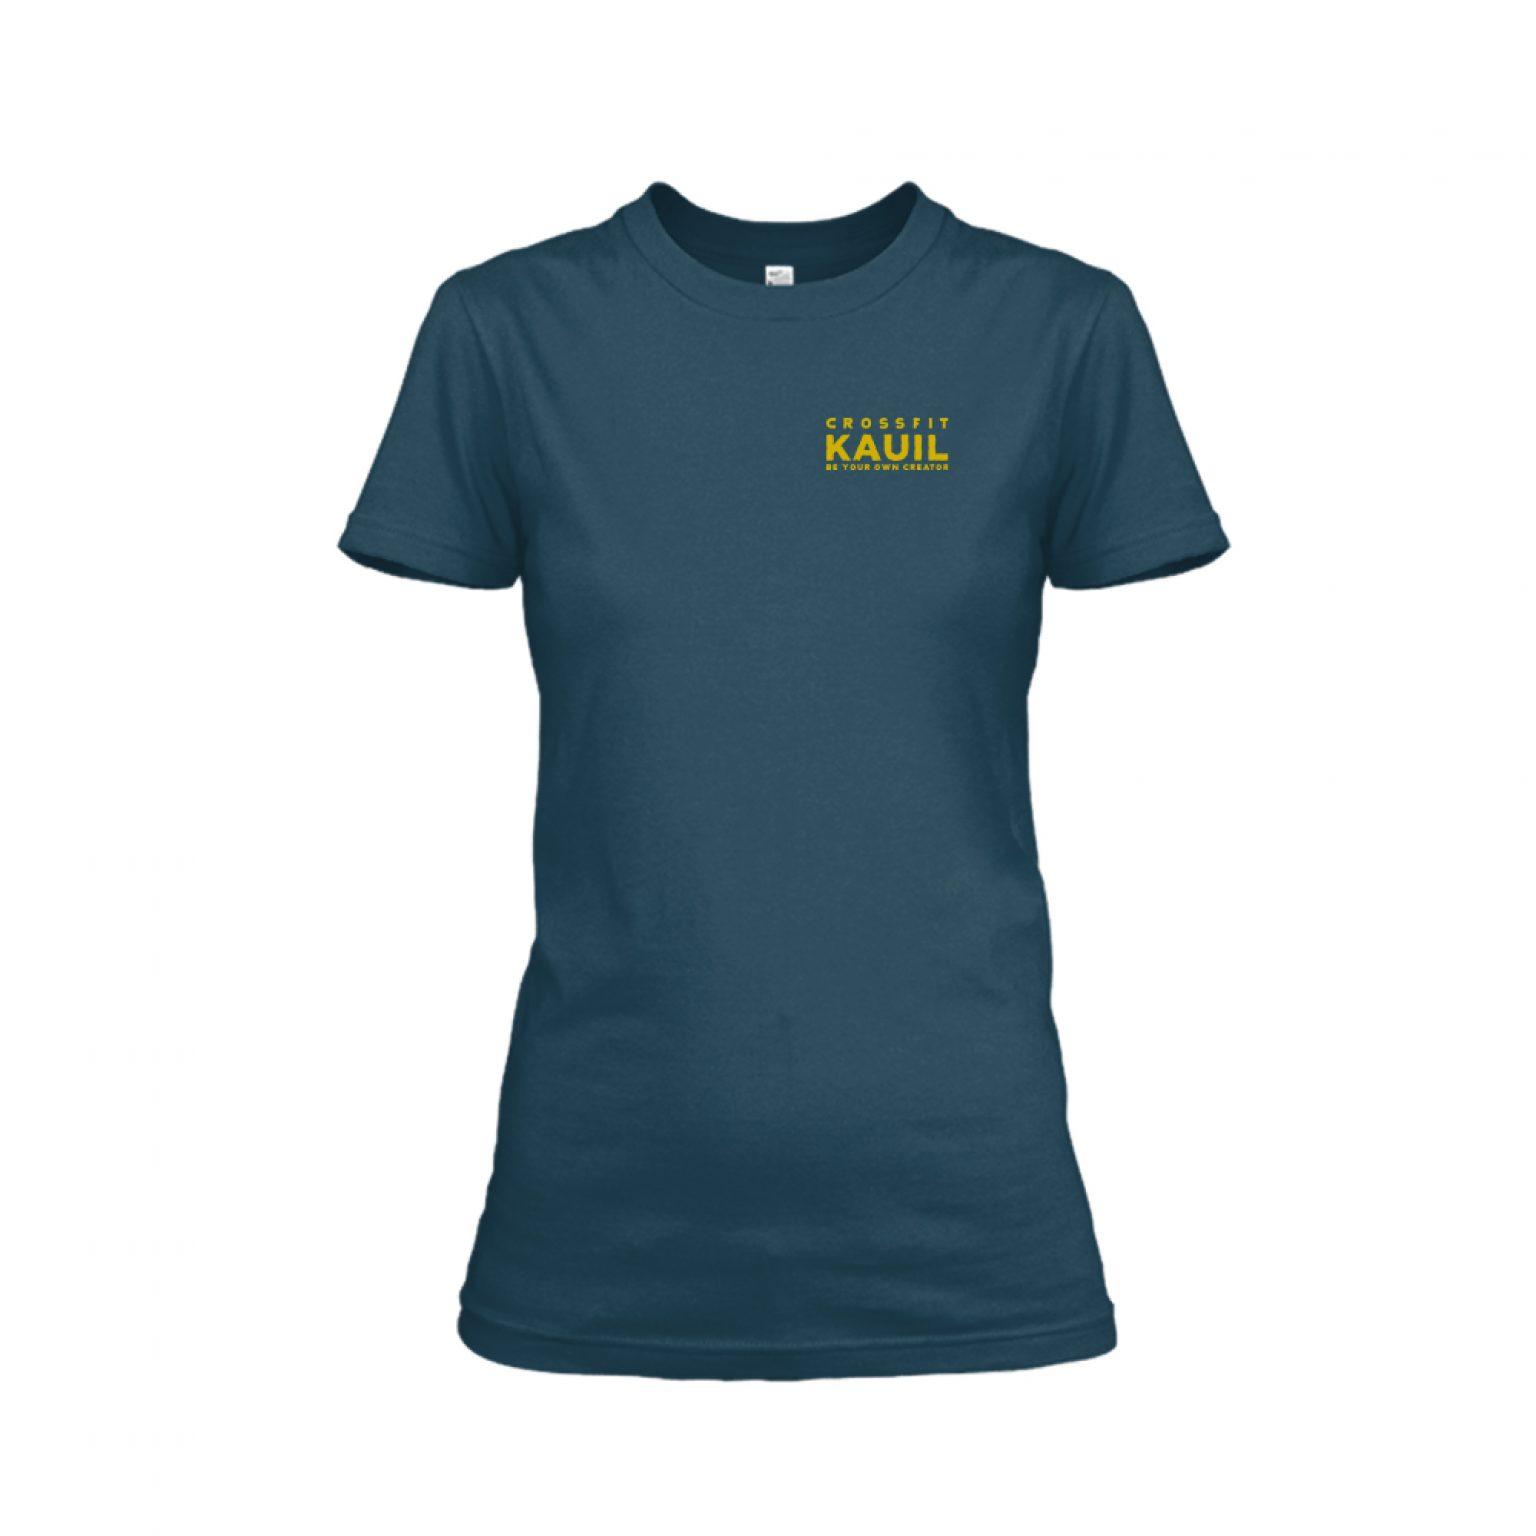 Damen Shirt Navy2 front